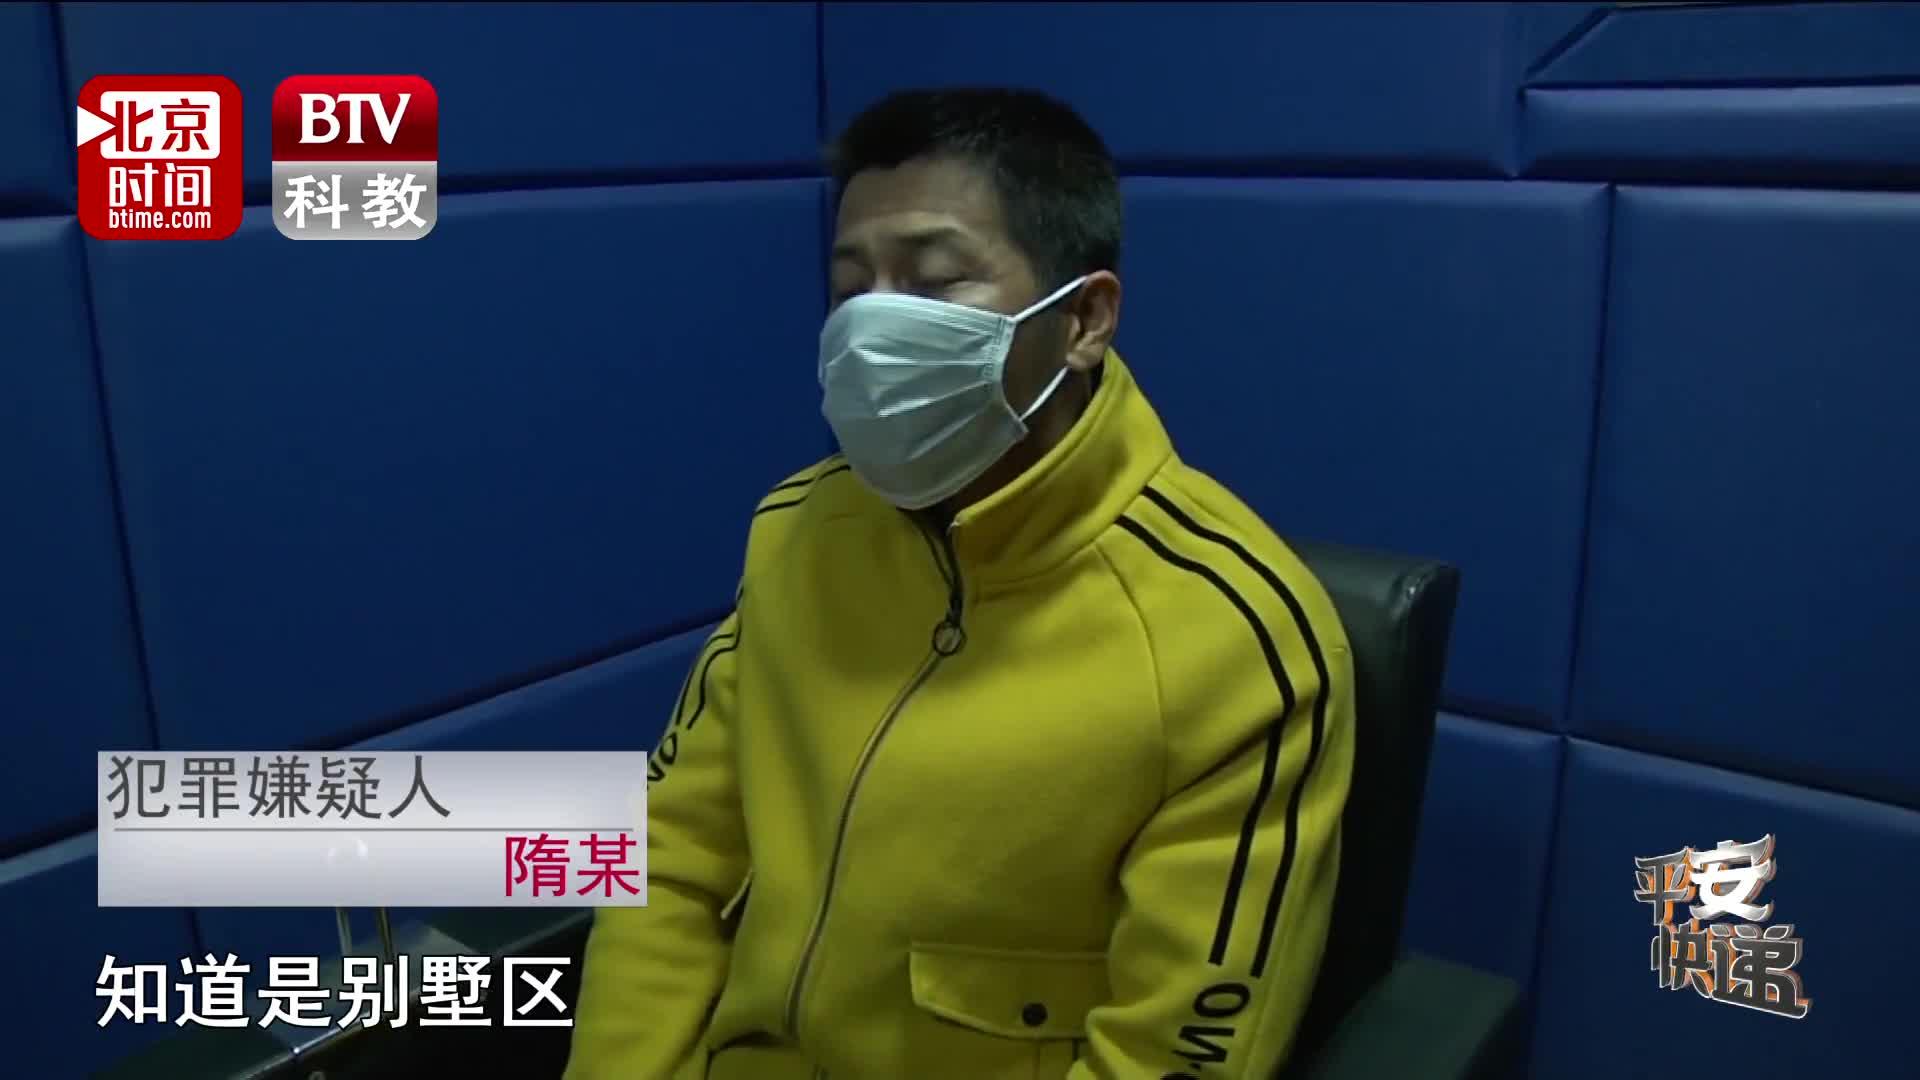 [视频]这小偷不得了!360万元40公斤现金背着走